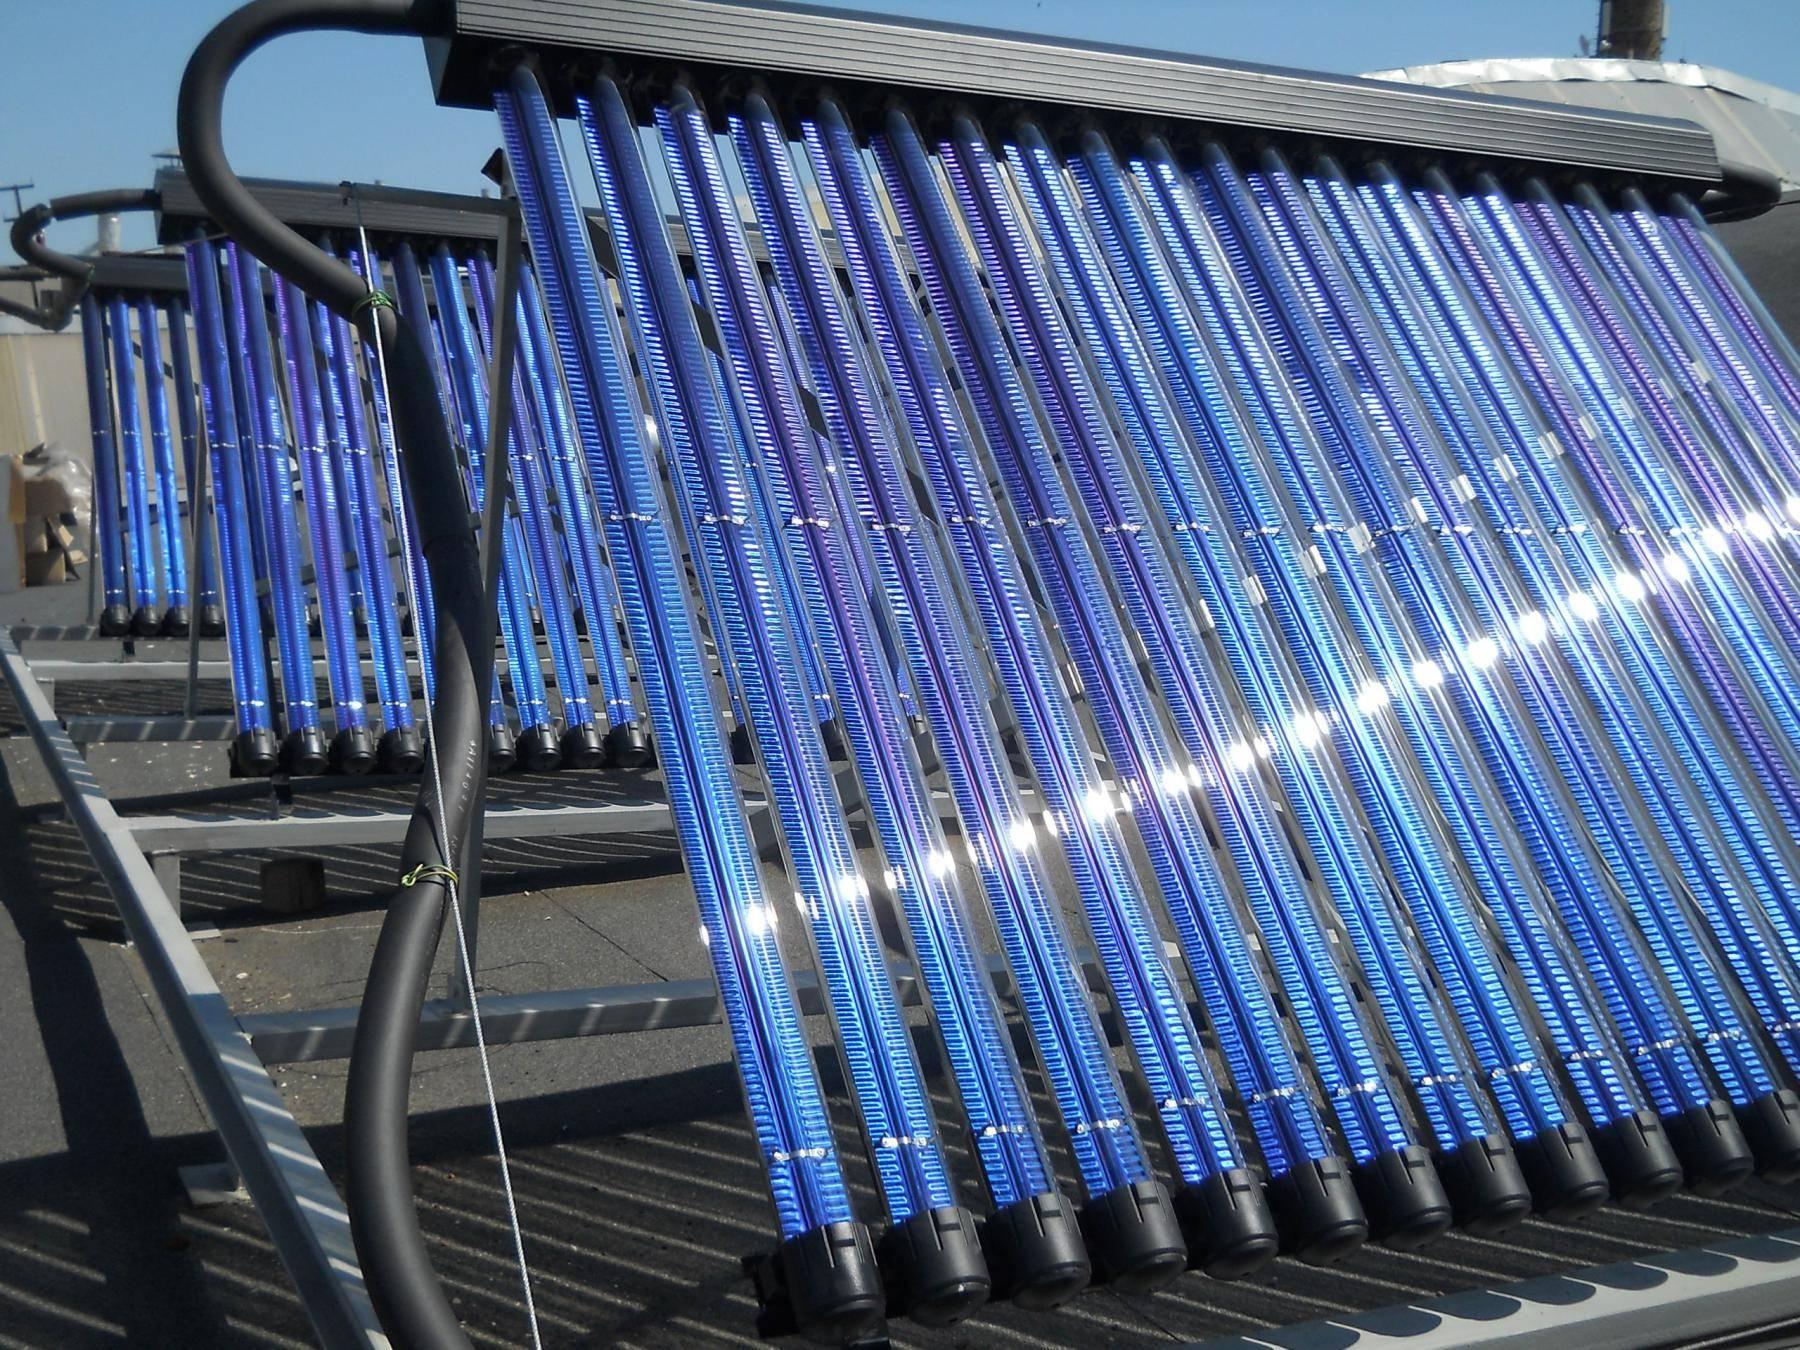 Солнечные коллекторы:  виды, принцип работы, устройство системы